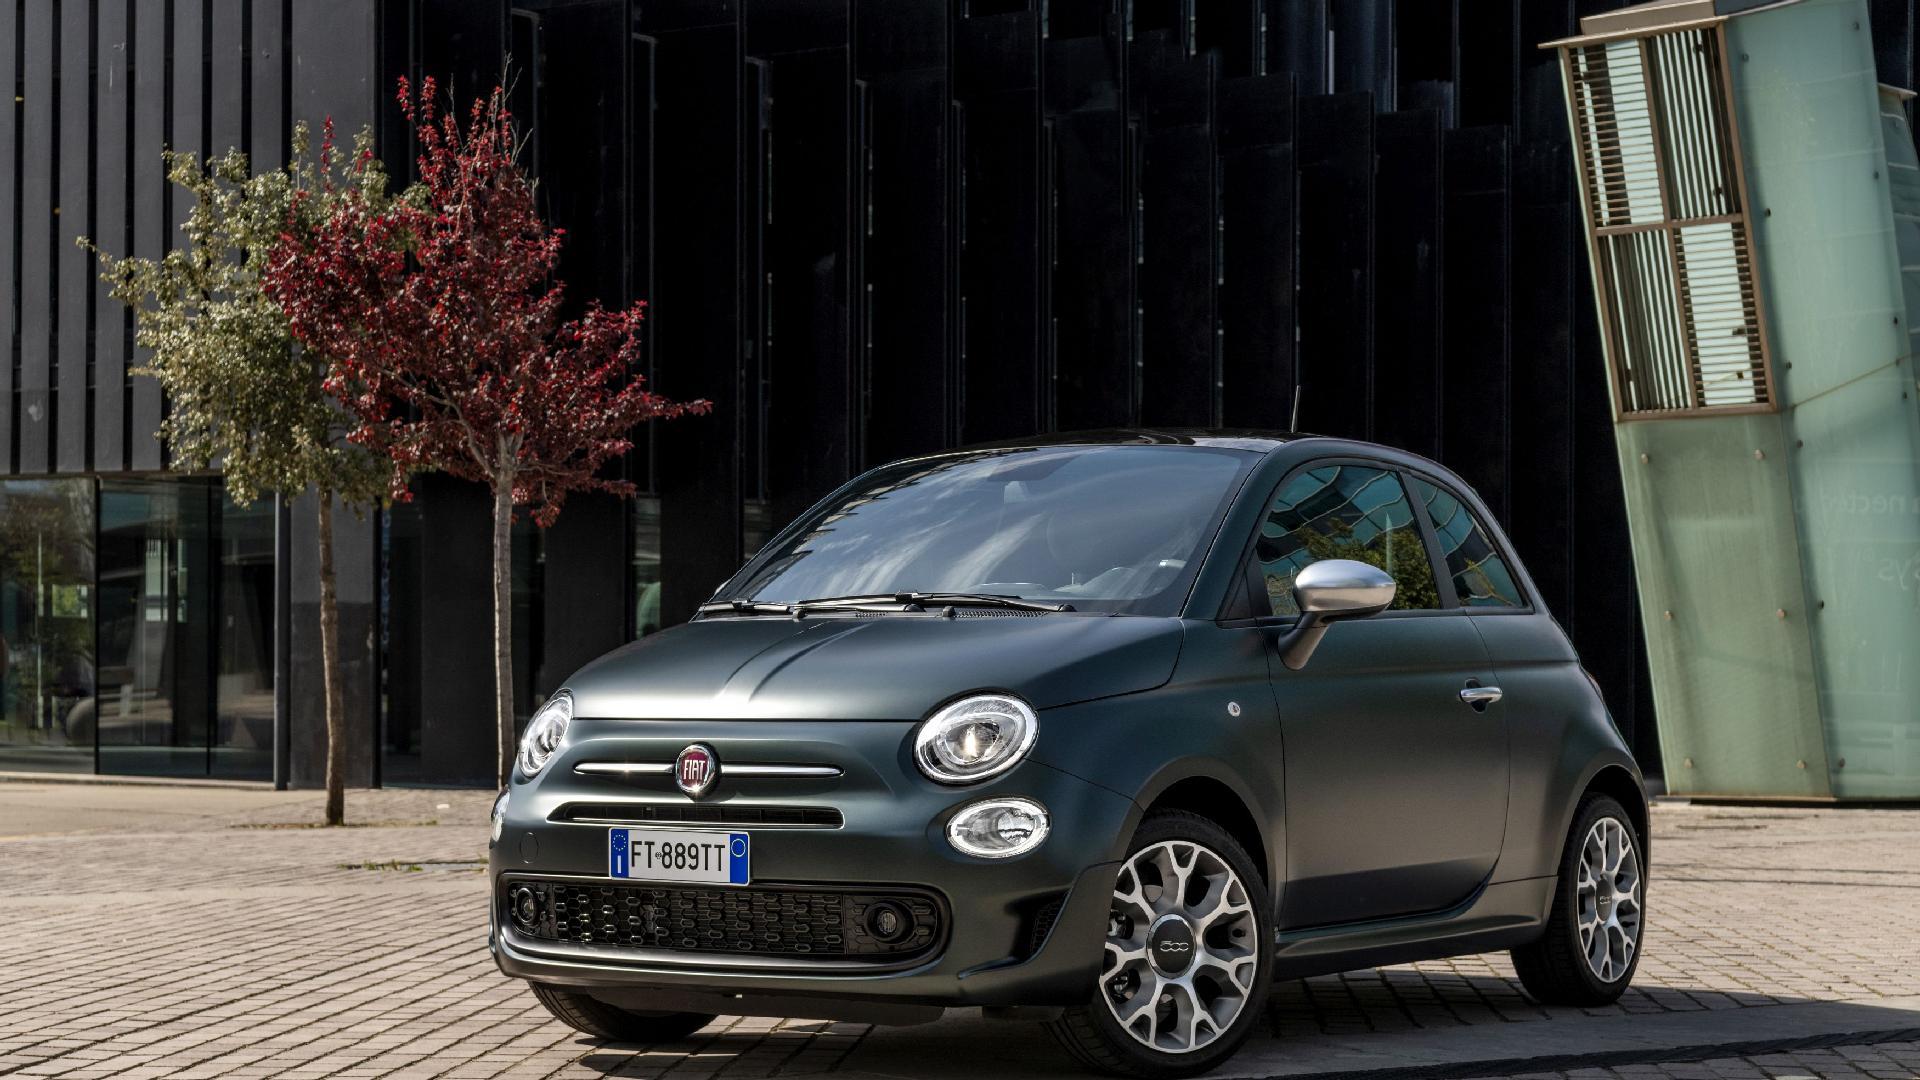 FIAT 500C 1.2 Mirror